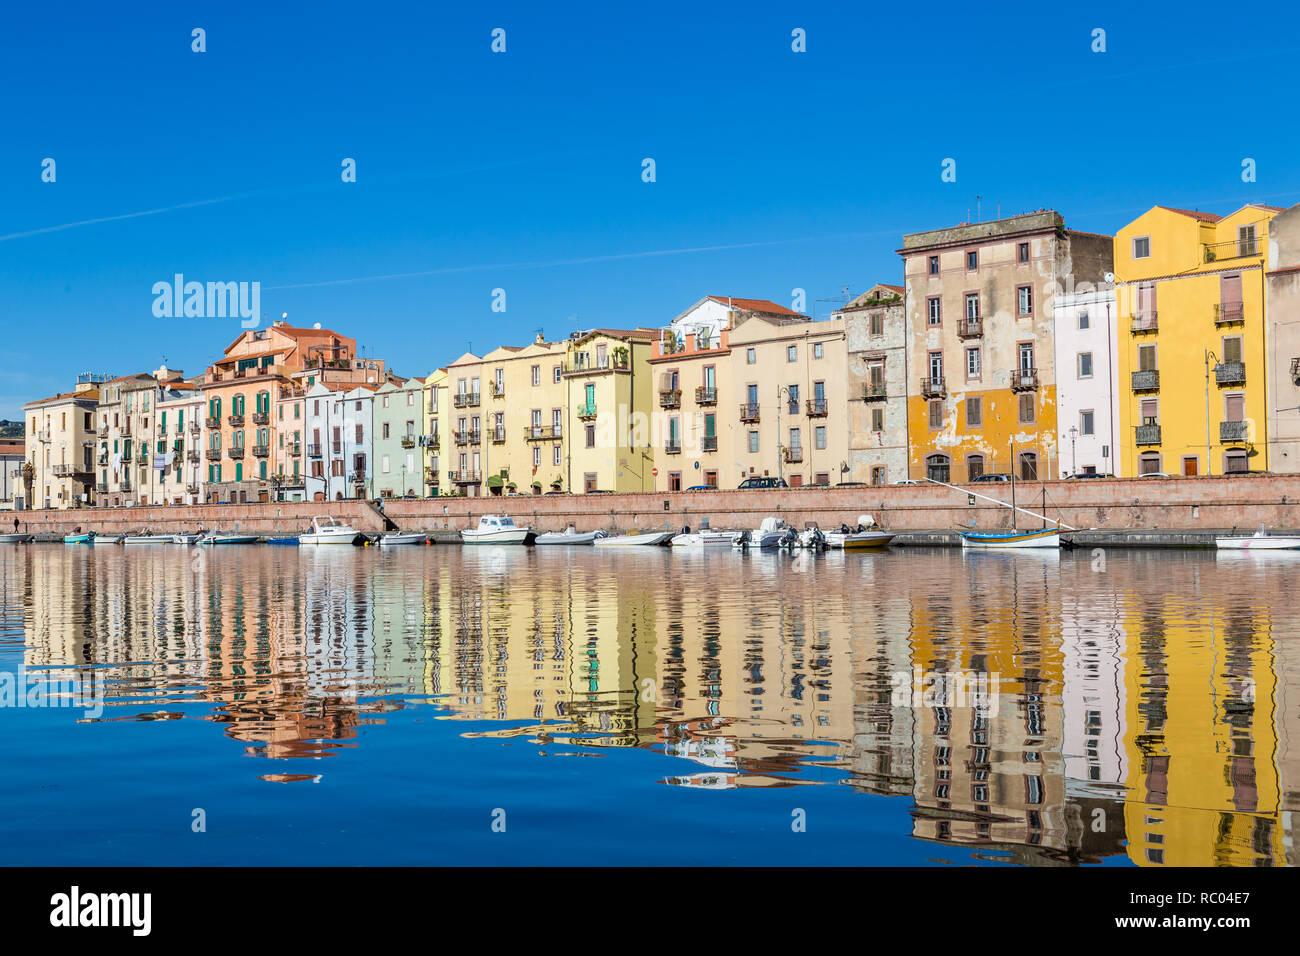 Paisaje Urbano del pintoresco pueblito Bosa en Cerdeña, Italia Foto de stock